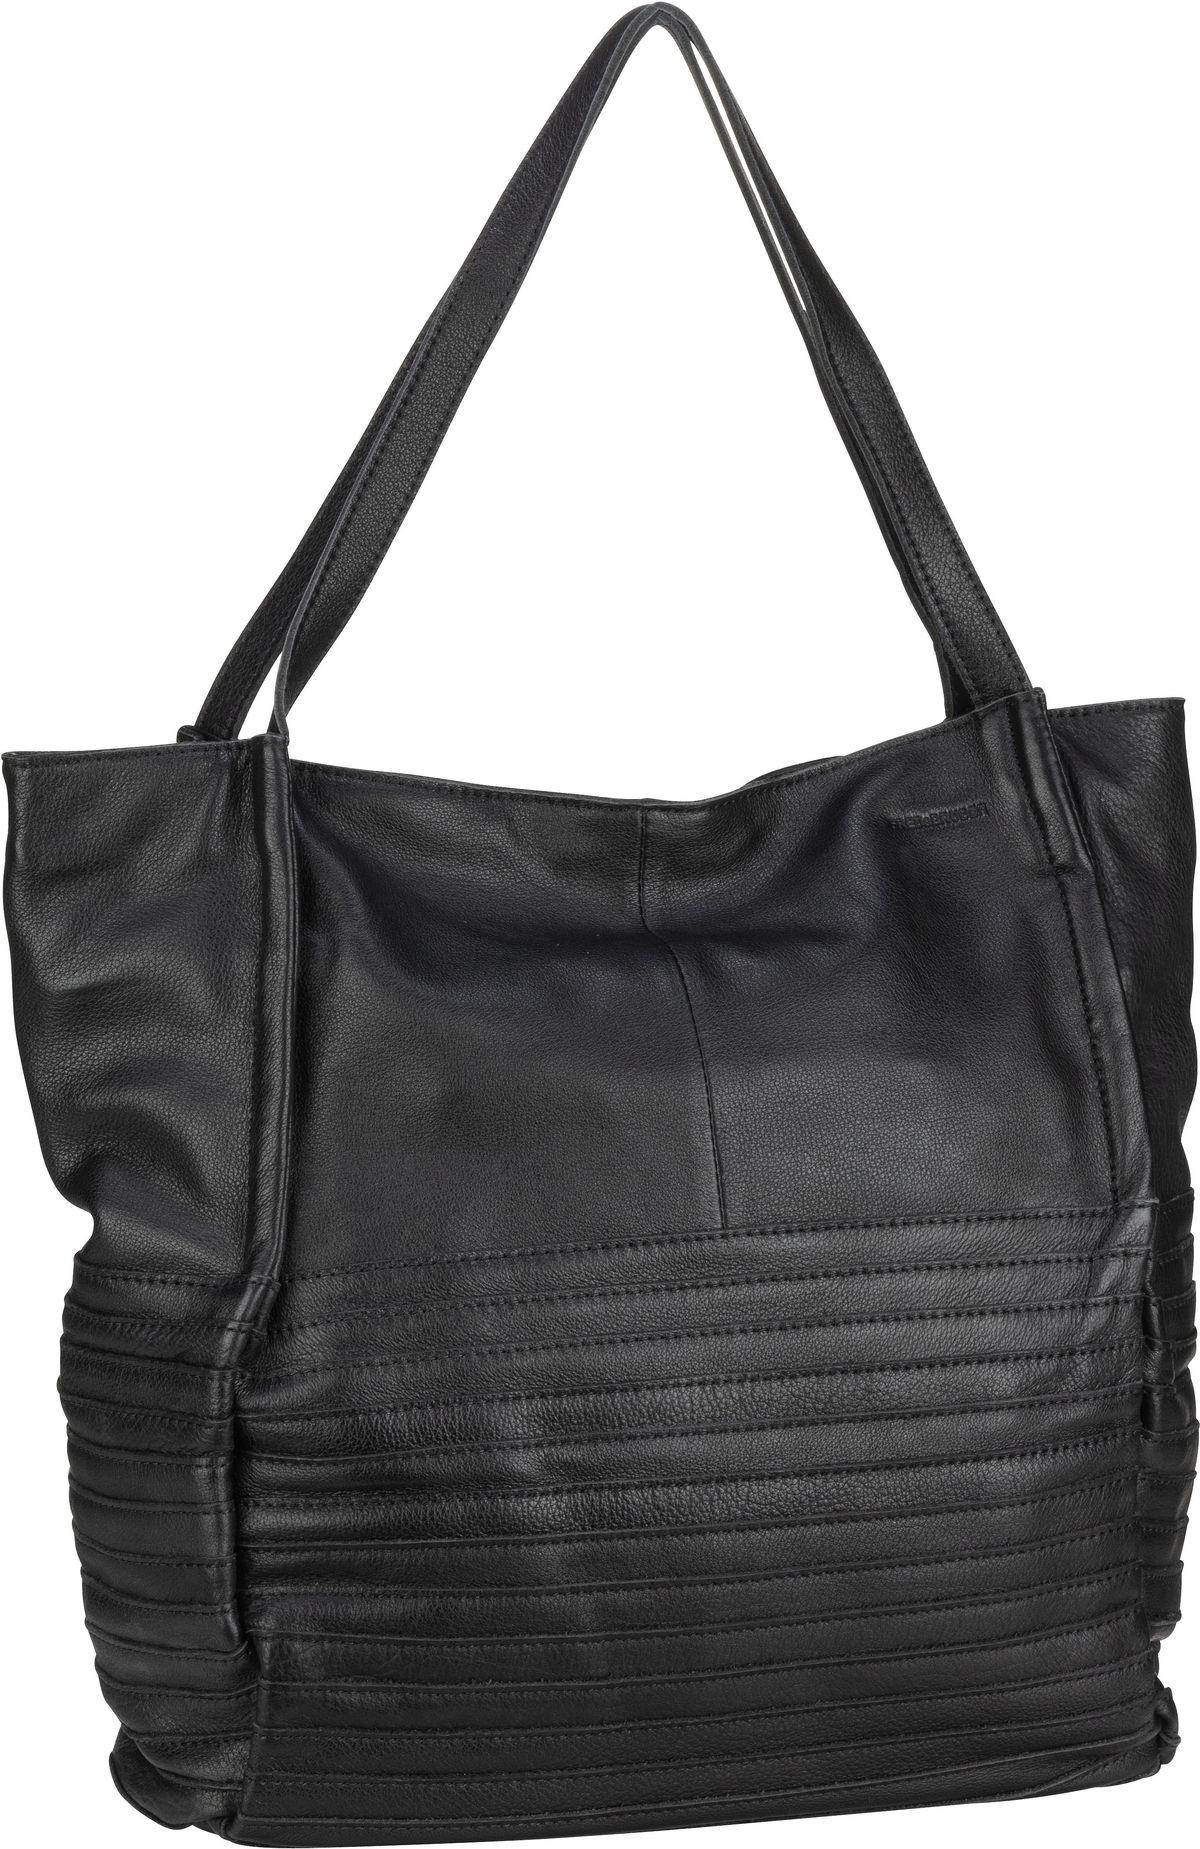 Handtasche Mob Black